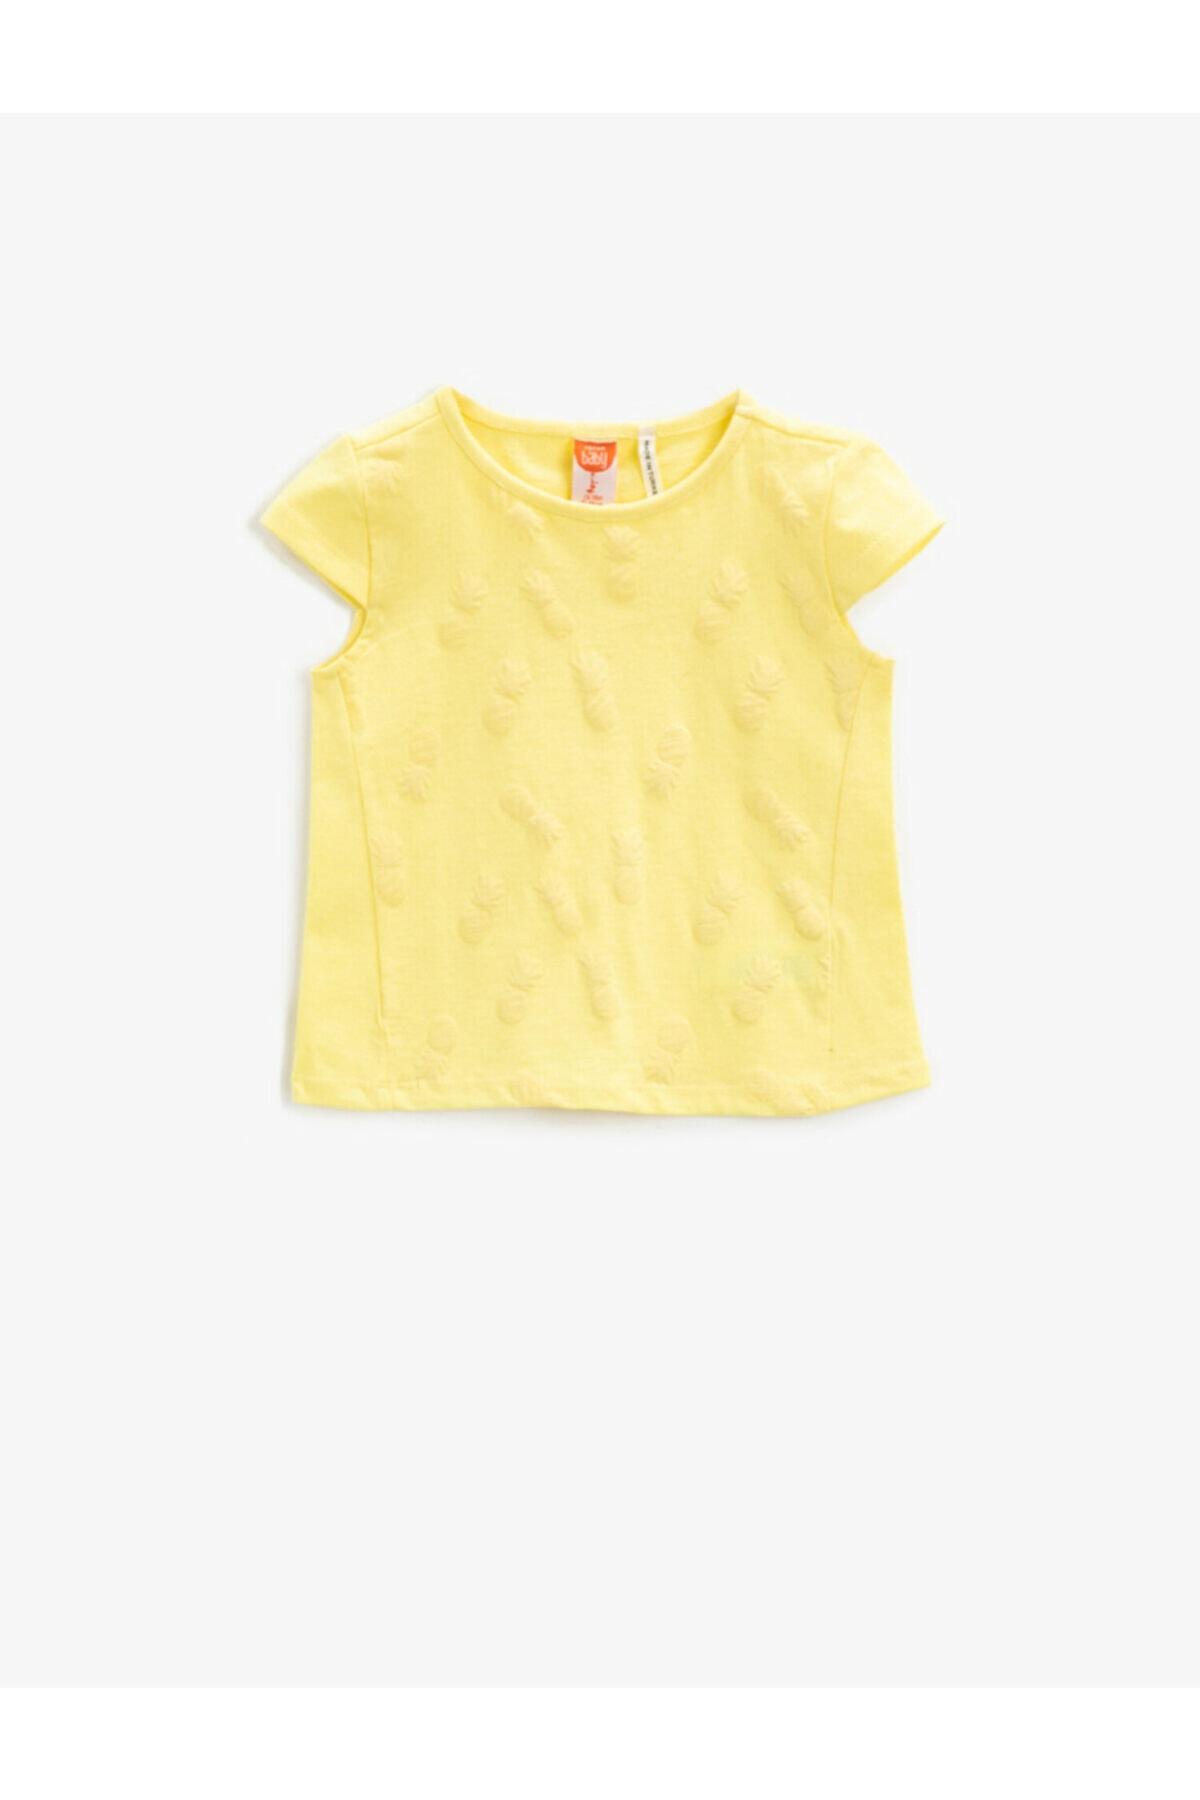 حرید اینترنتی تیشرت نوزاد دخترانه ارزان برند کوتون رنگ زرد ty93604571